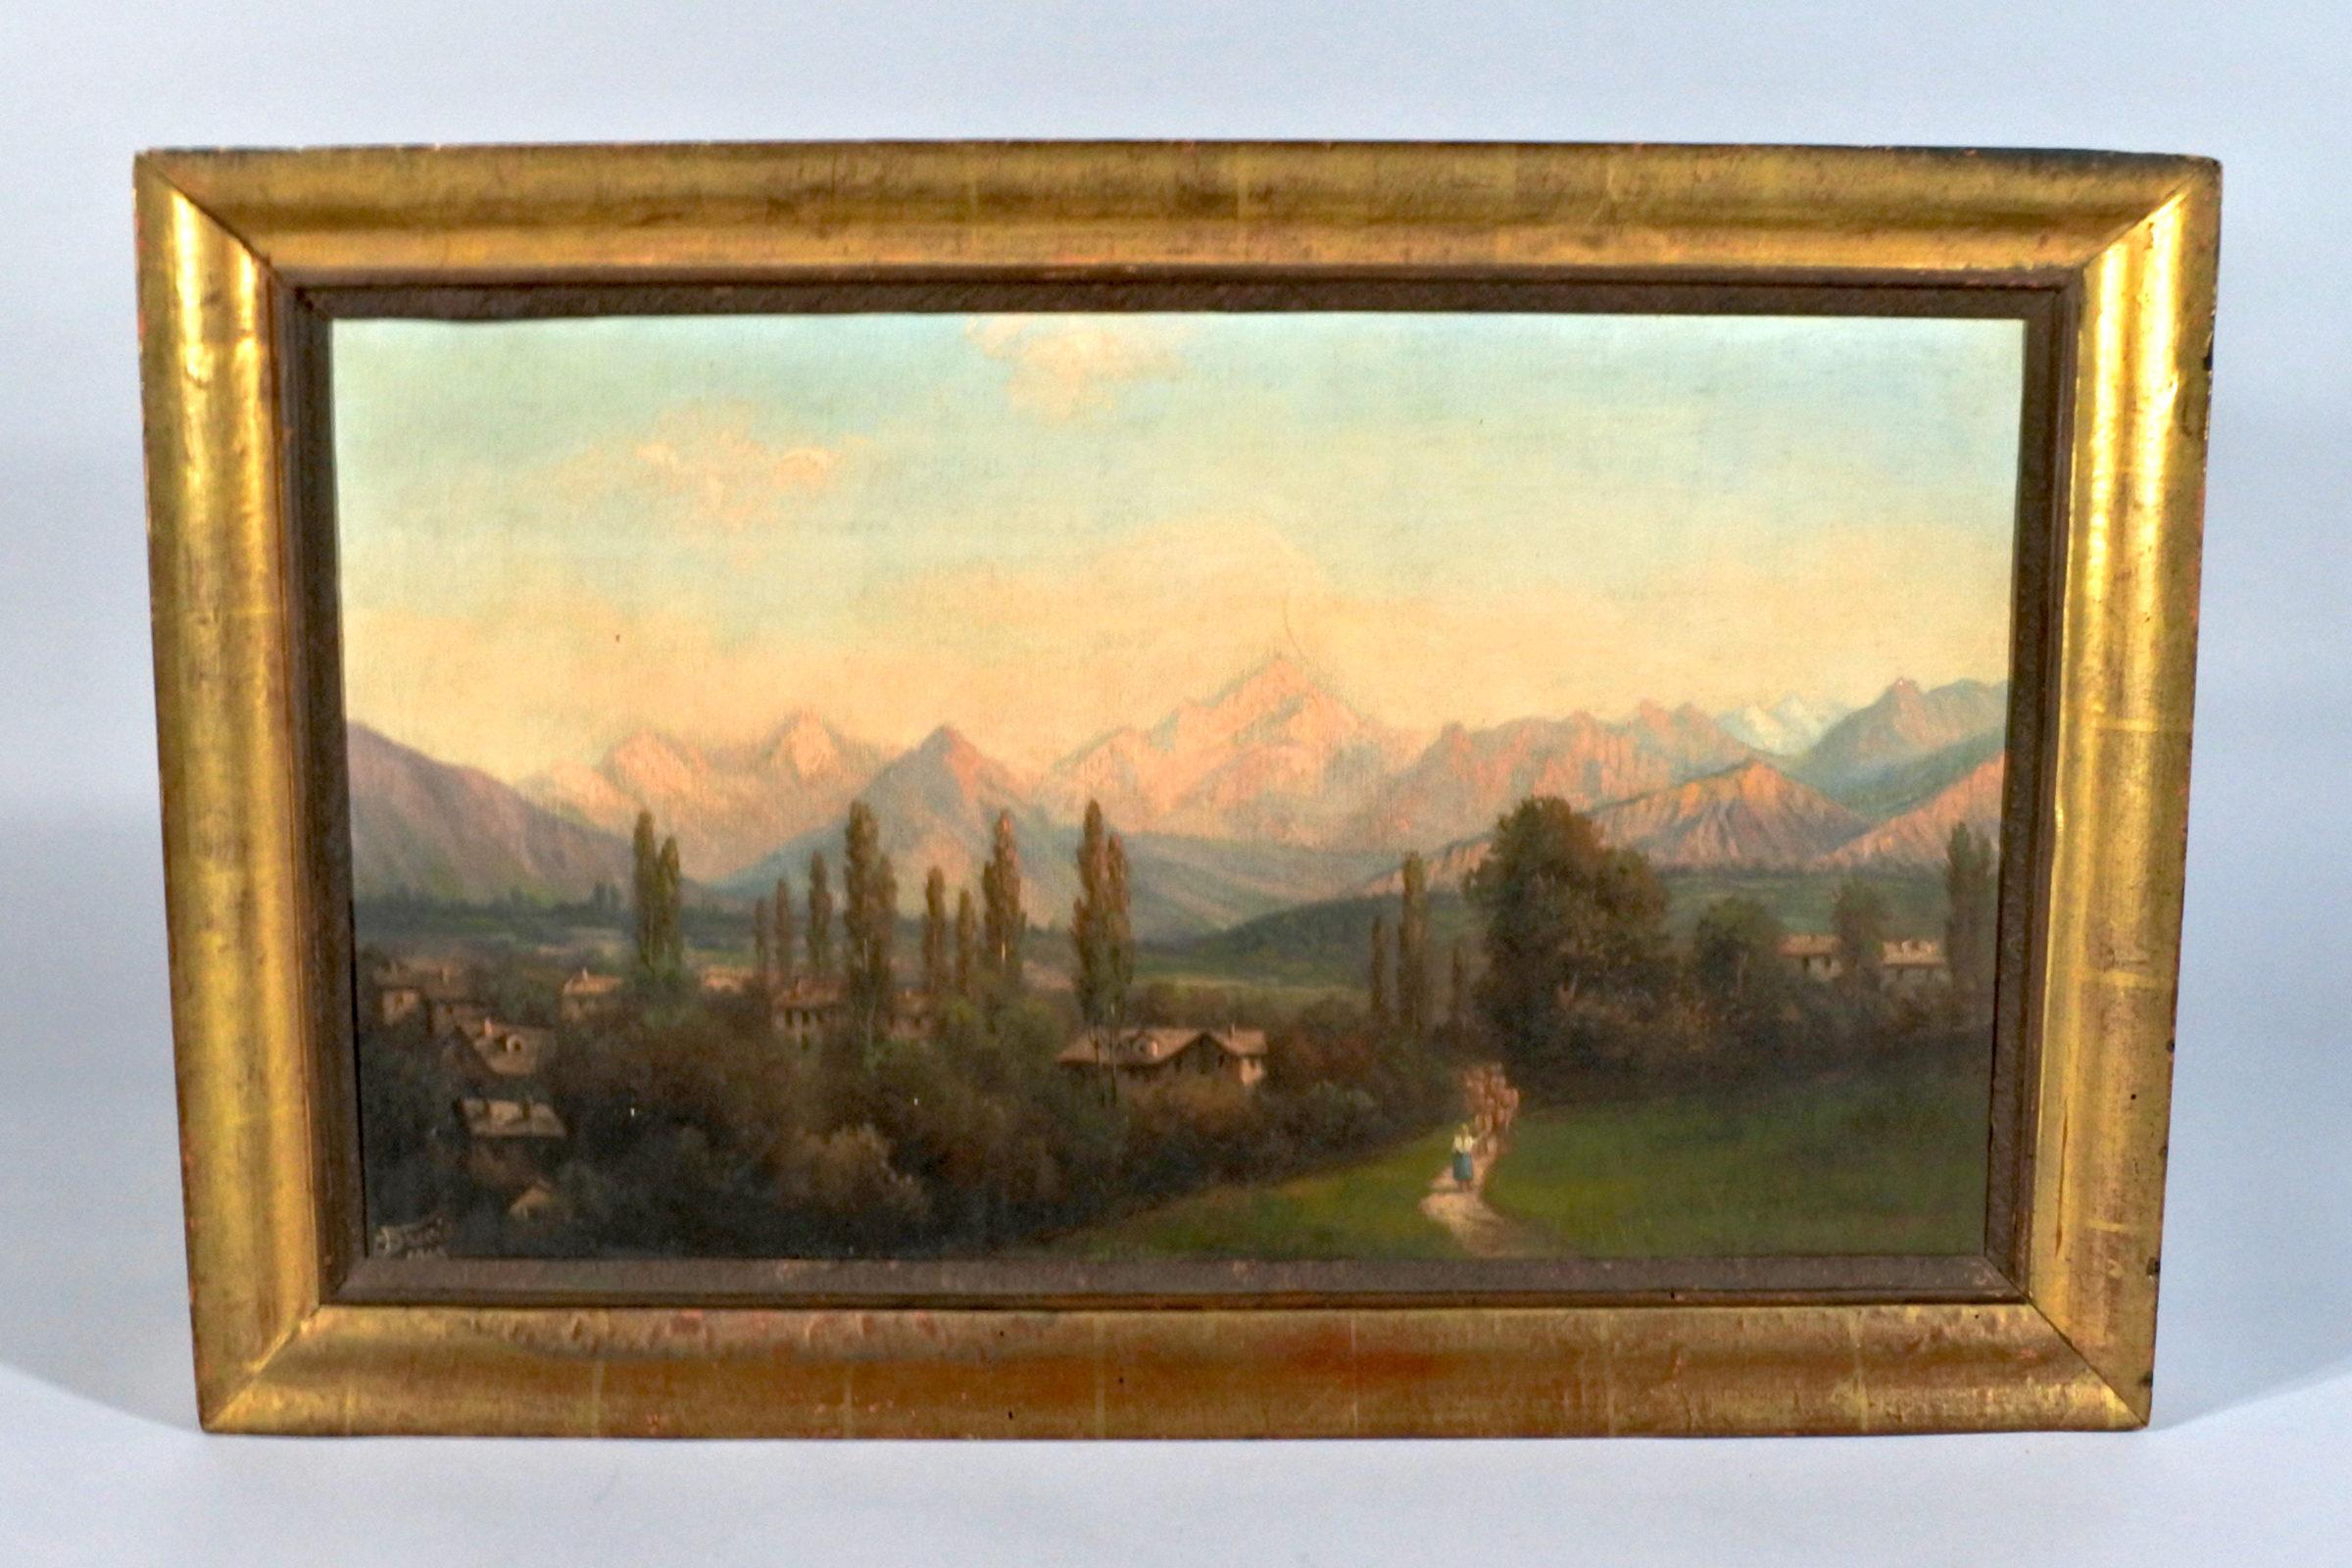 Quadro ad olio su masonite rappresentante paesaggio - Inizi XX° secolo